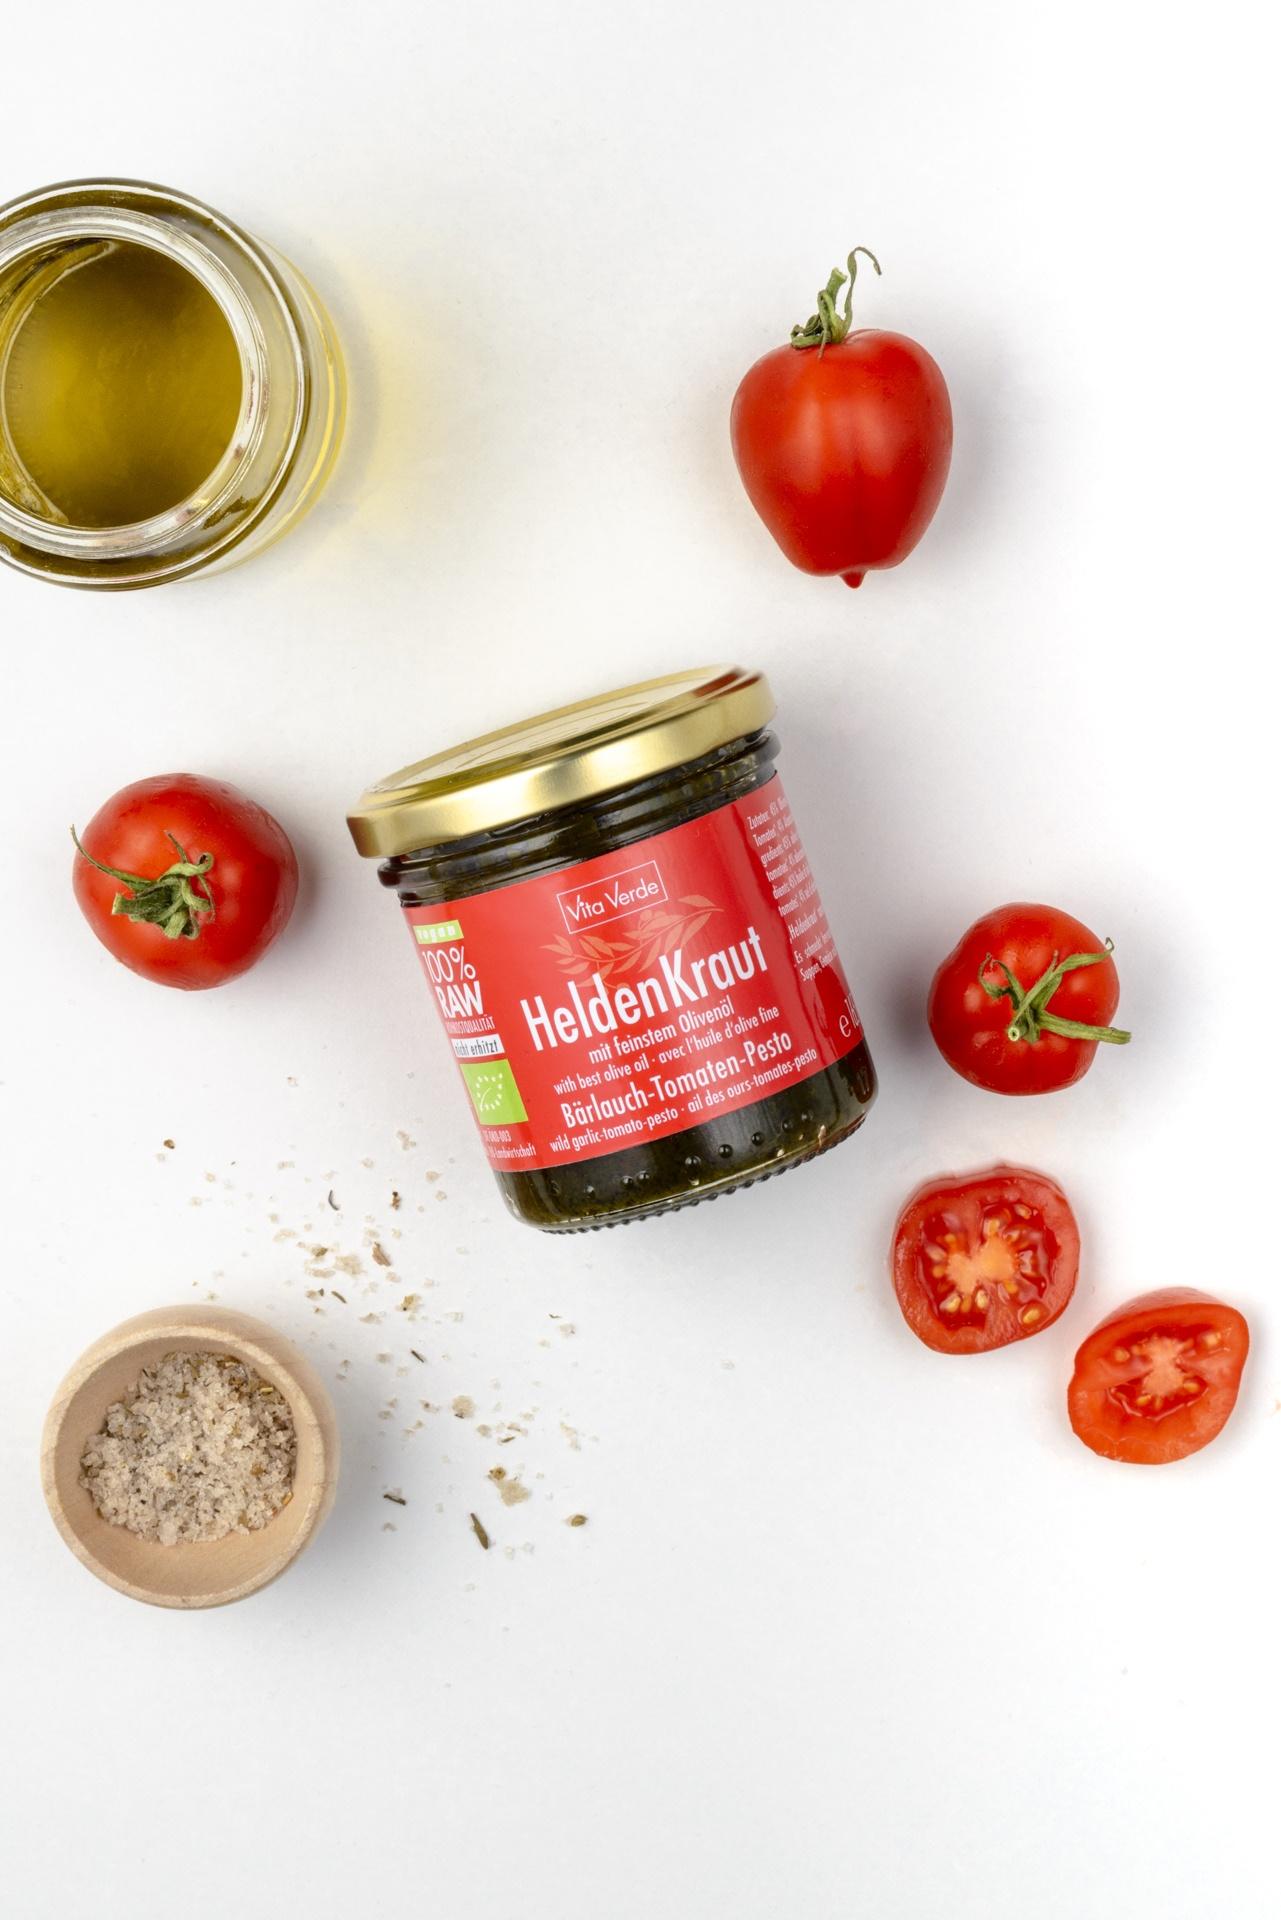 Ein Glas Bärlauch-Tomaten-Pesto mit feinem Olivenöl und frischen Tomaten